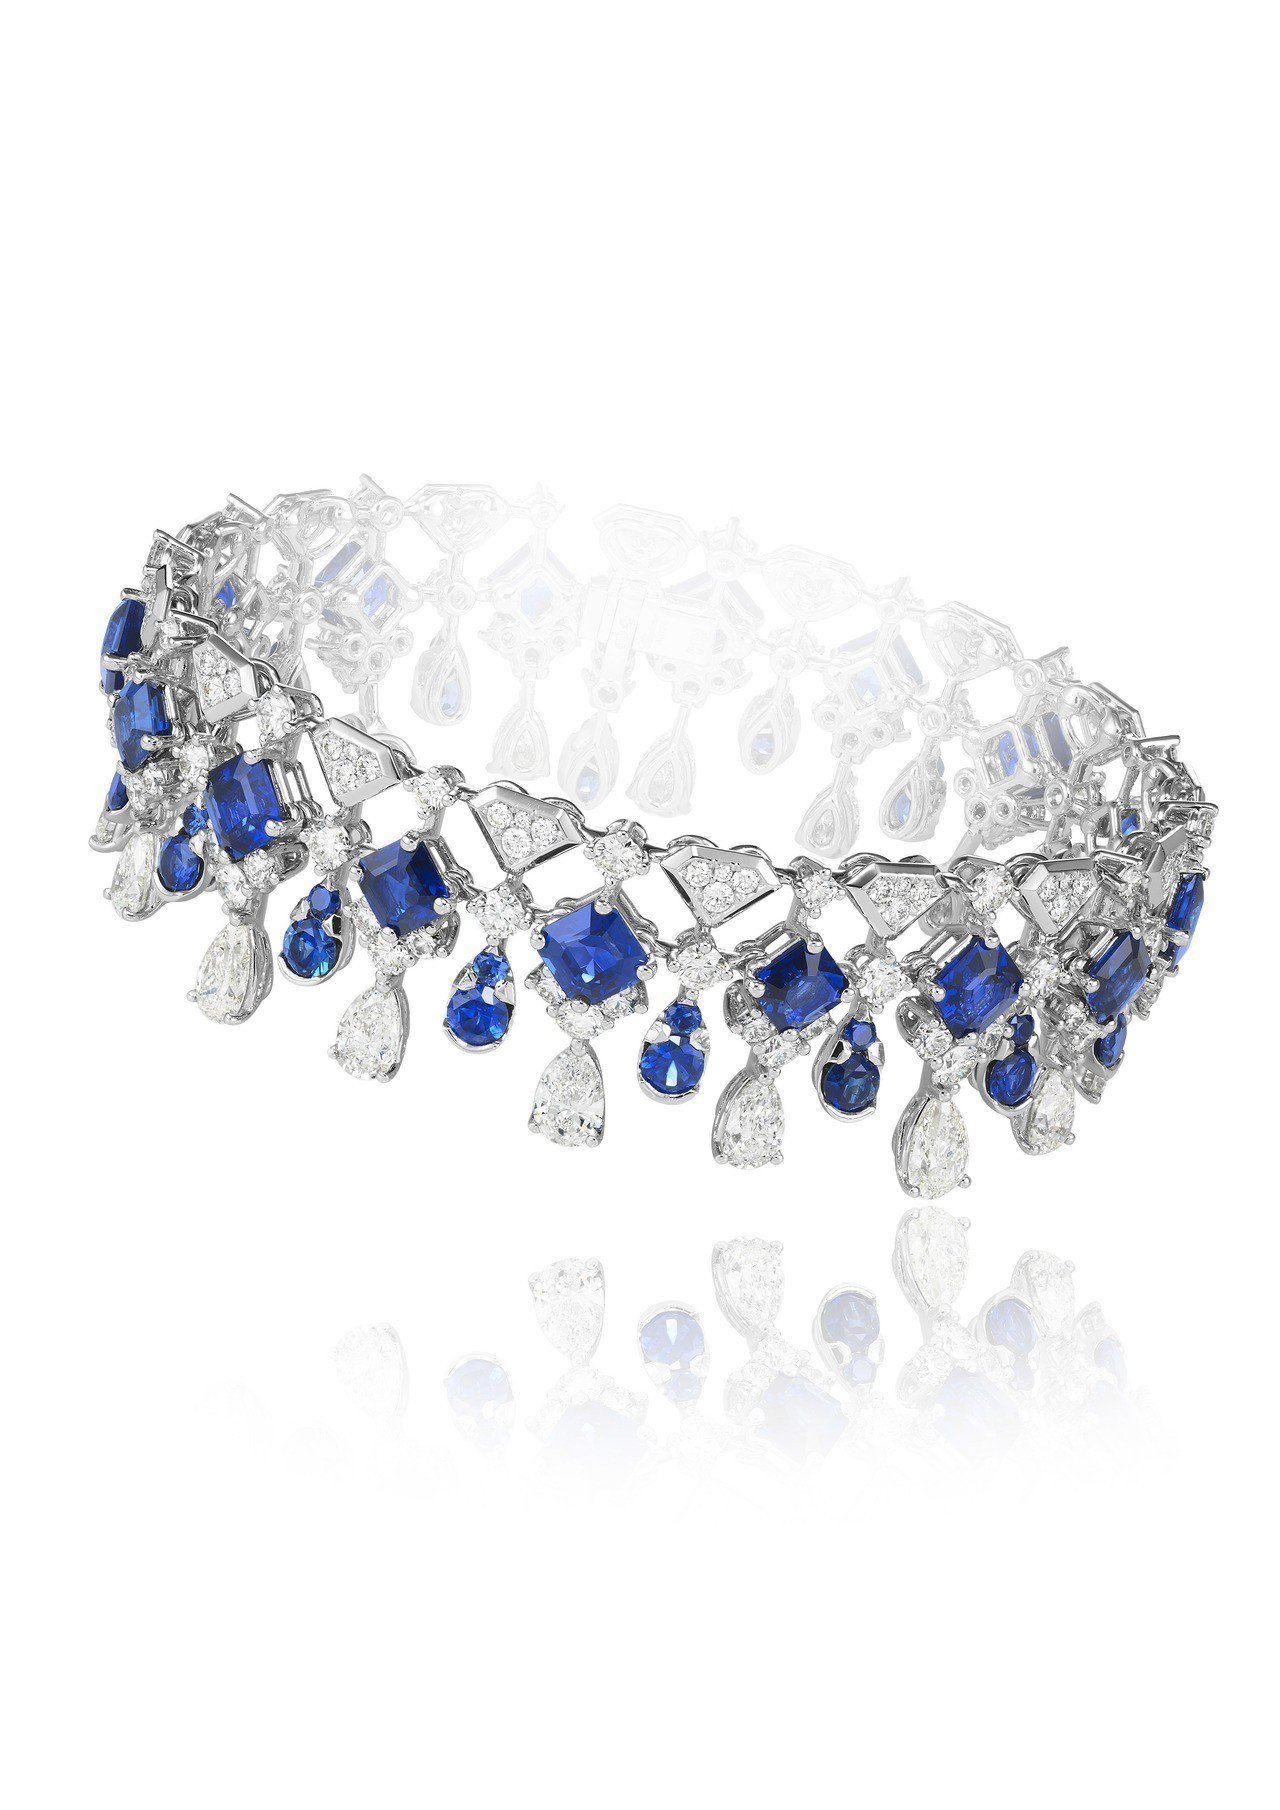 蕭邦頂級珠寶系列18K白金手環鑲嵌總重17.62克拉藍寶石與12.6克拉鑽石,9...